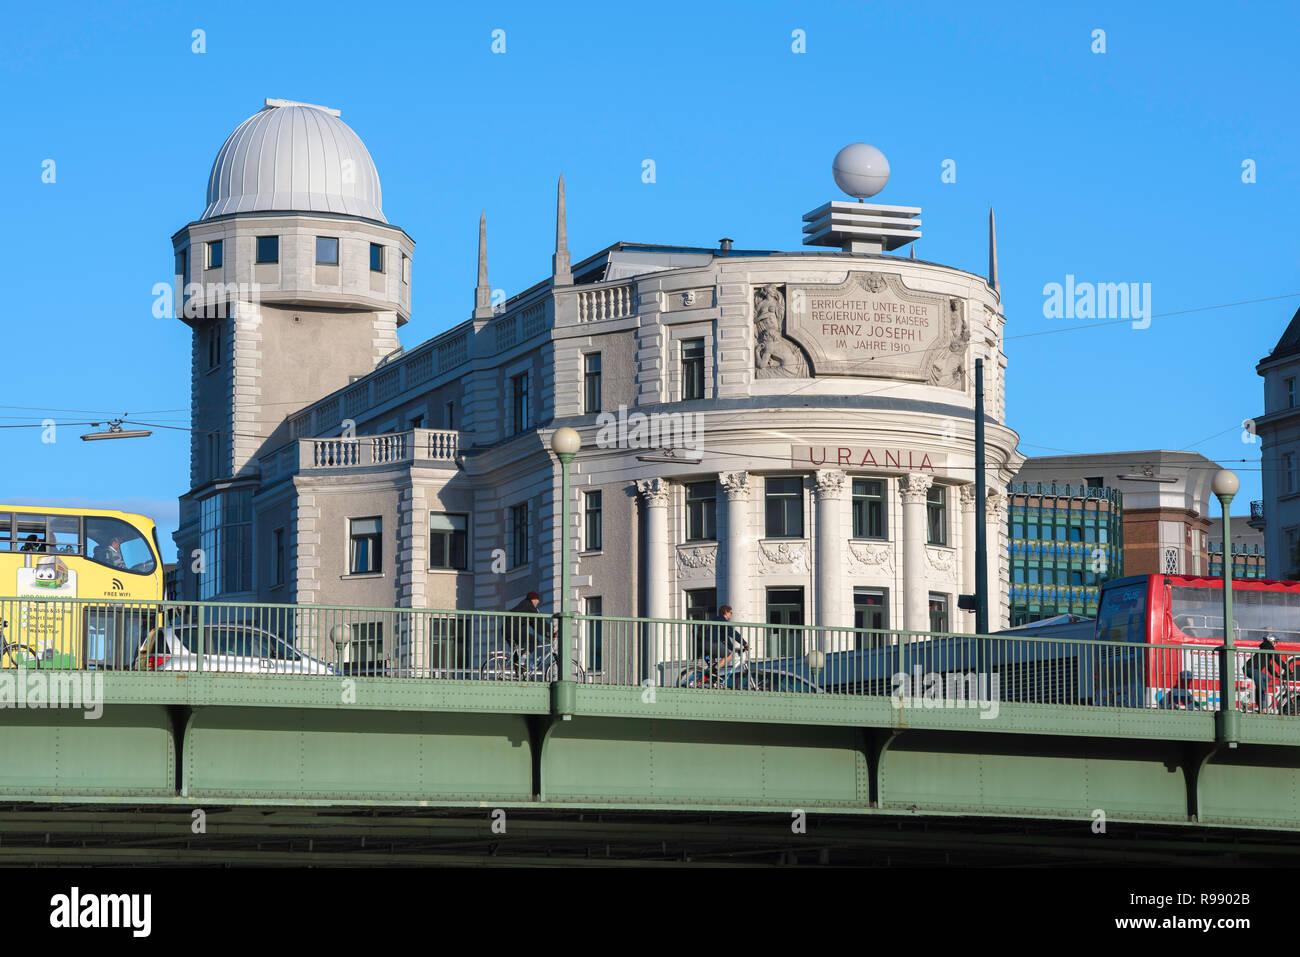 Observatorio Urania Viena, diseñado en 1910 por el arquitecto modernista Max Fabiani, el edificio de Urania Viena todavía funciona como un observatorio. Imagen De Stock